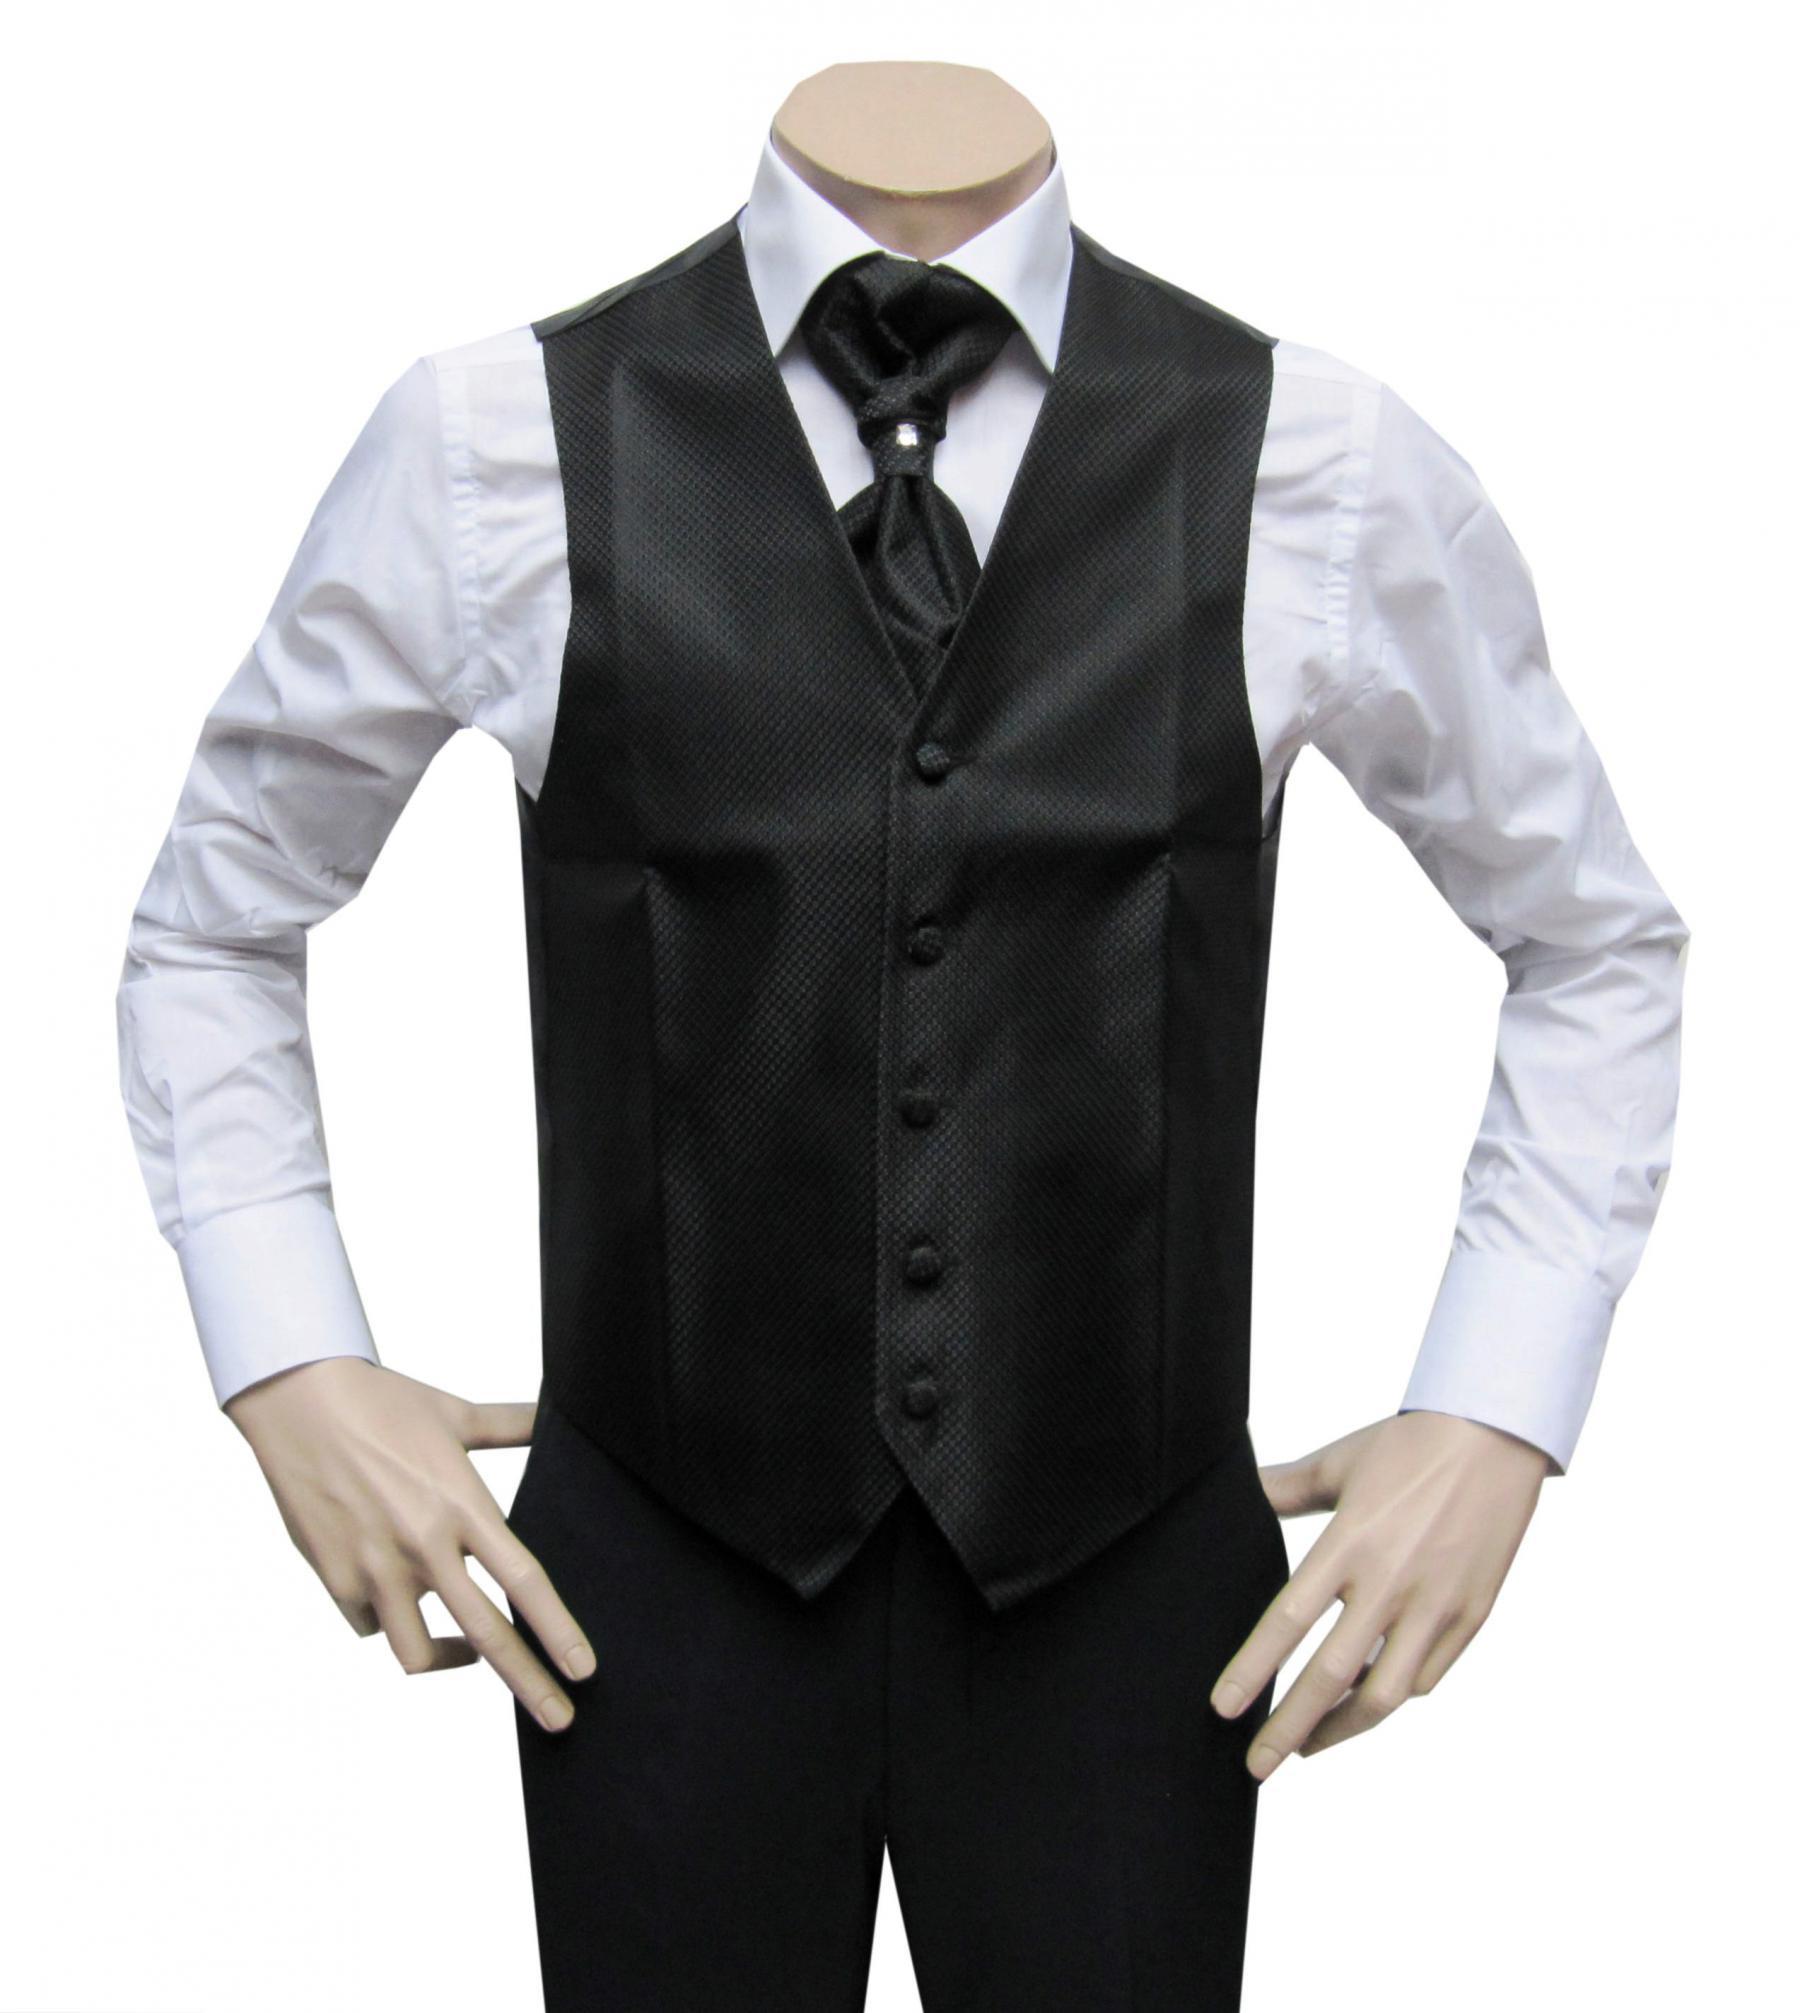 Formal Leicht Abendbekleidung Herren Stylish13 Schön Abendbekleidung Herren für 2019